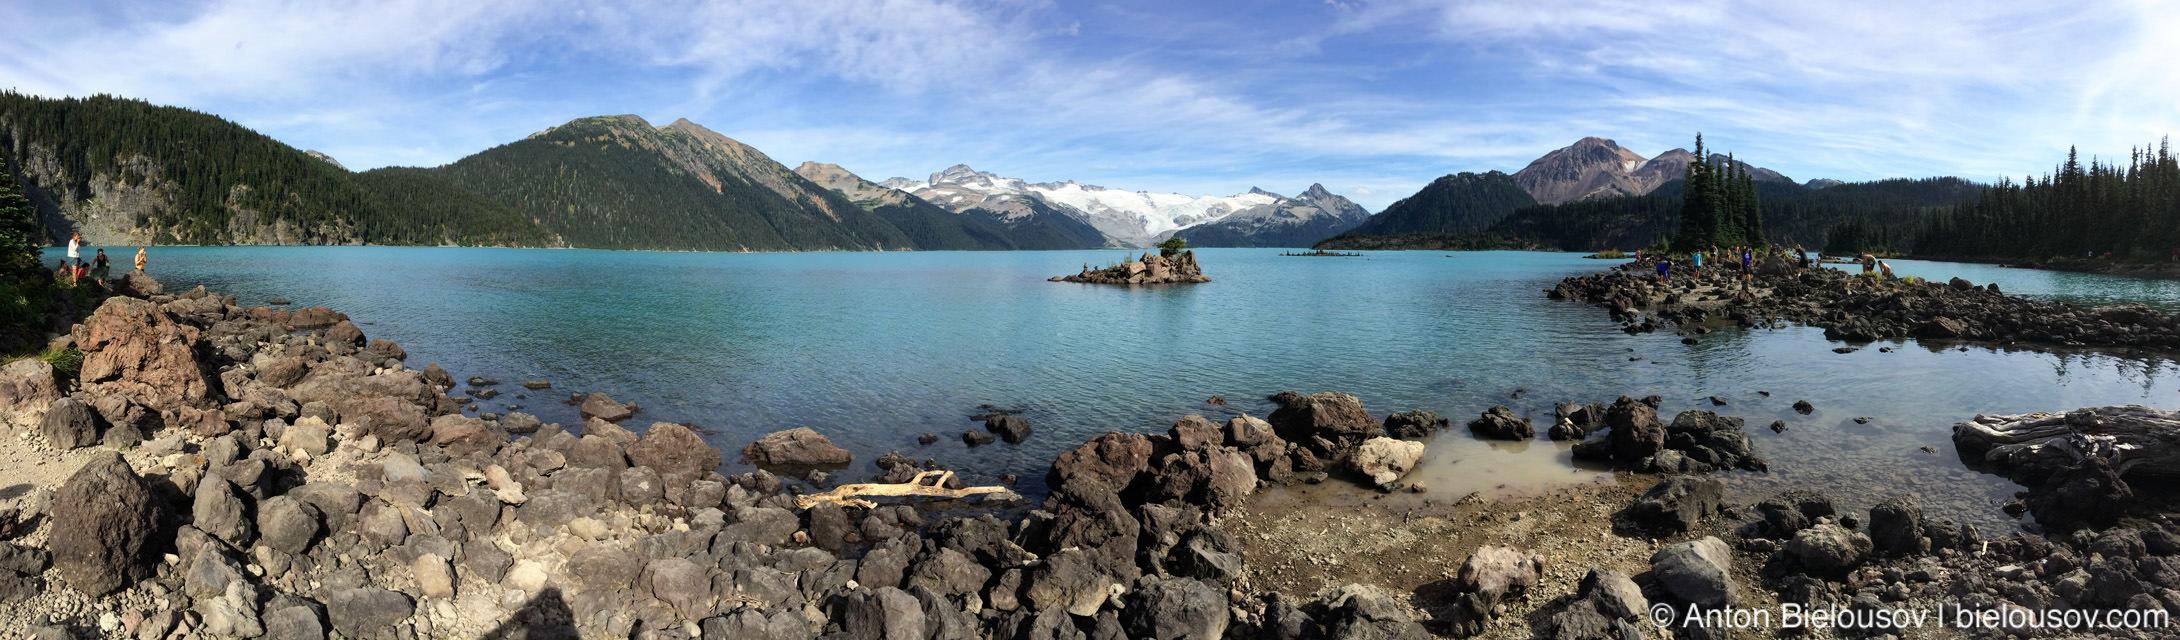 Garibaldi Lake panorama